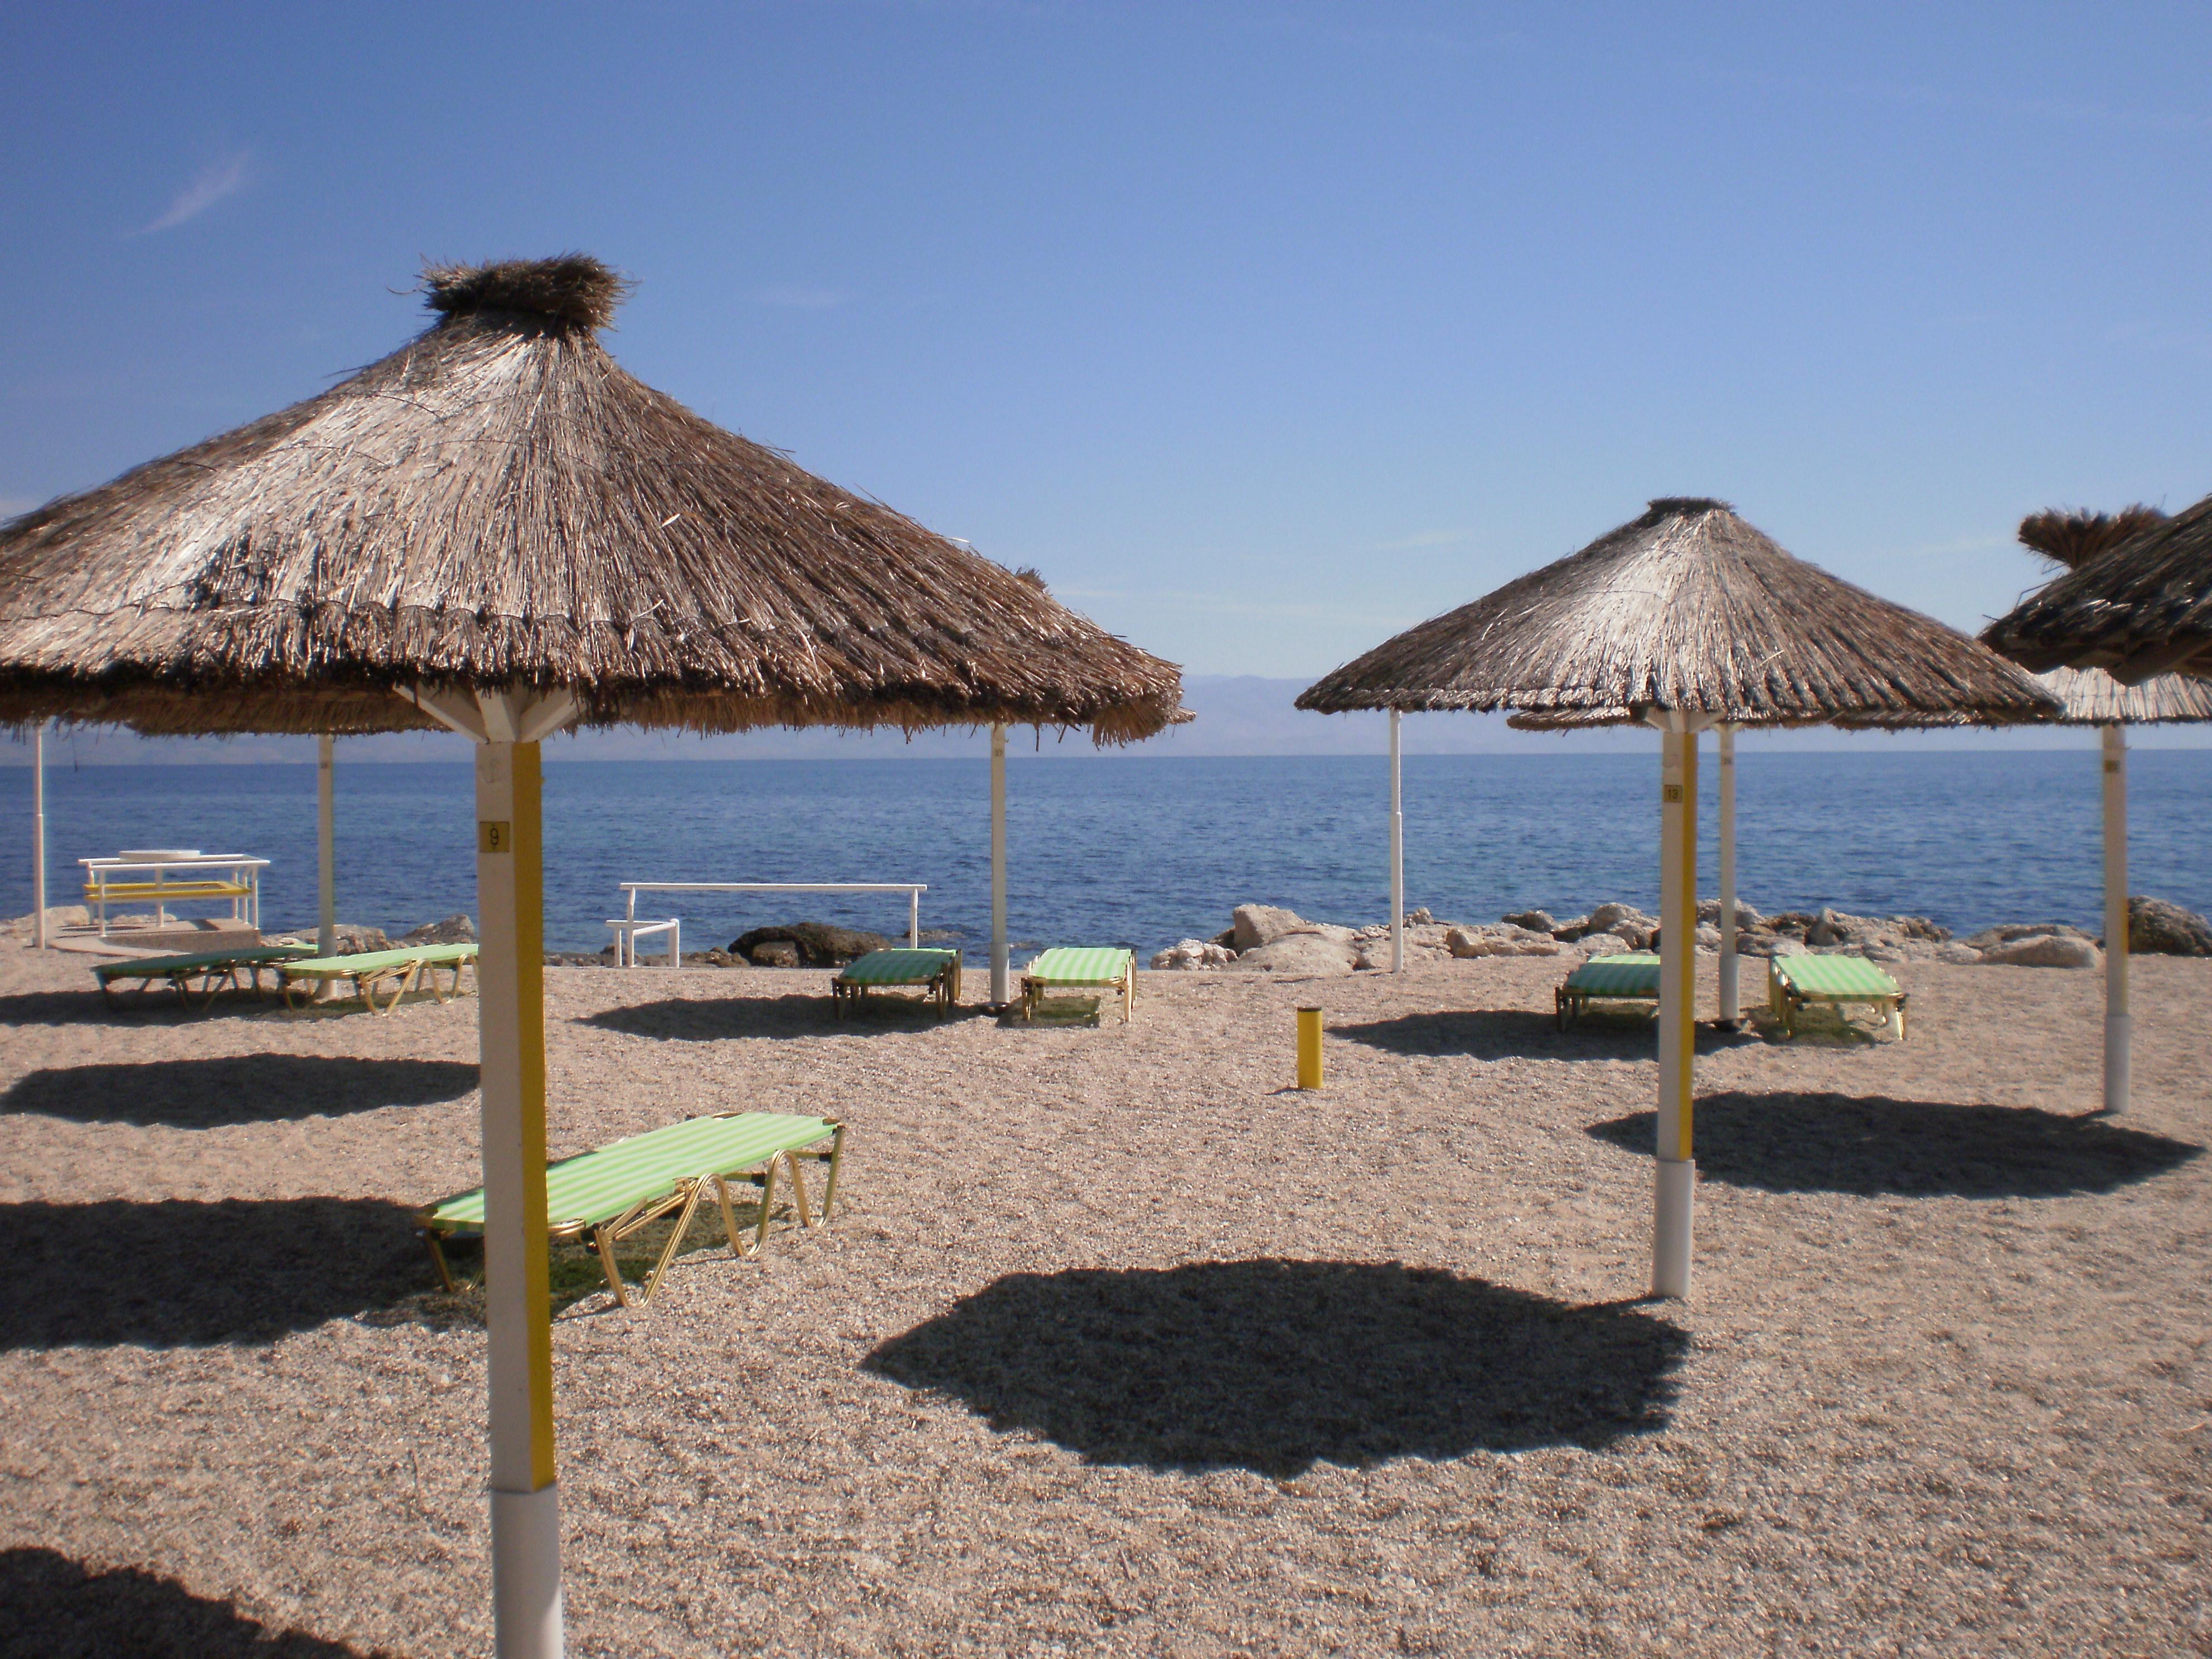 Maison de vacances Entspannte Ferien ein paar Schritte vom Meer entfernt und mit einem Gefhl der Privatsphre (2378713), Moraitika, Corfou, Iles Ioniennes, Grèce, image 18